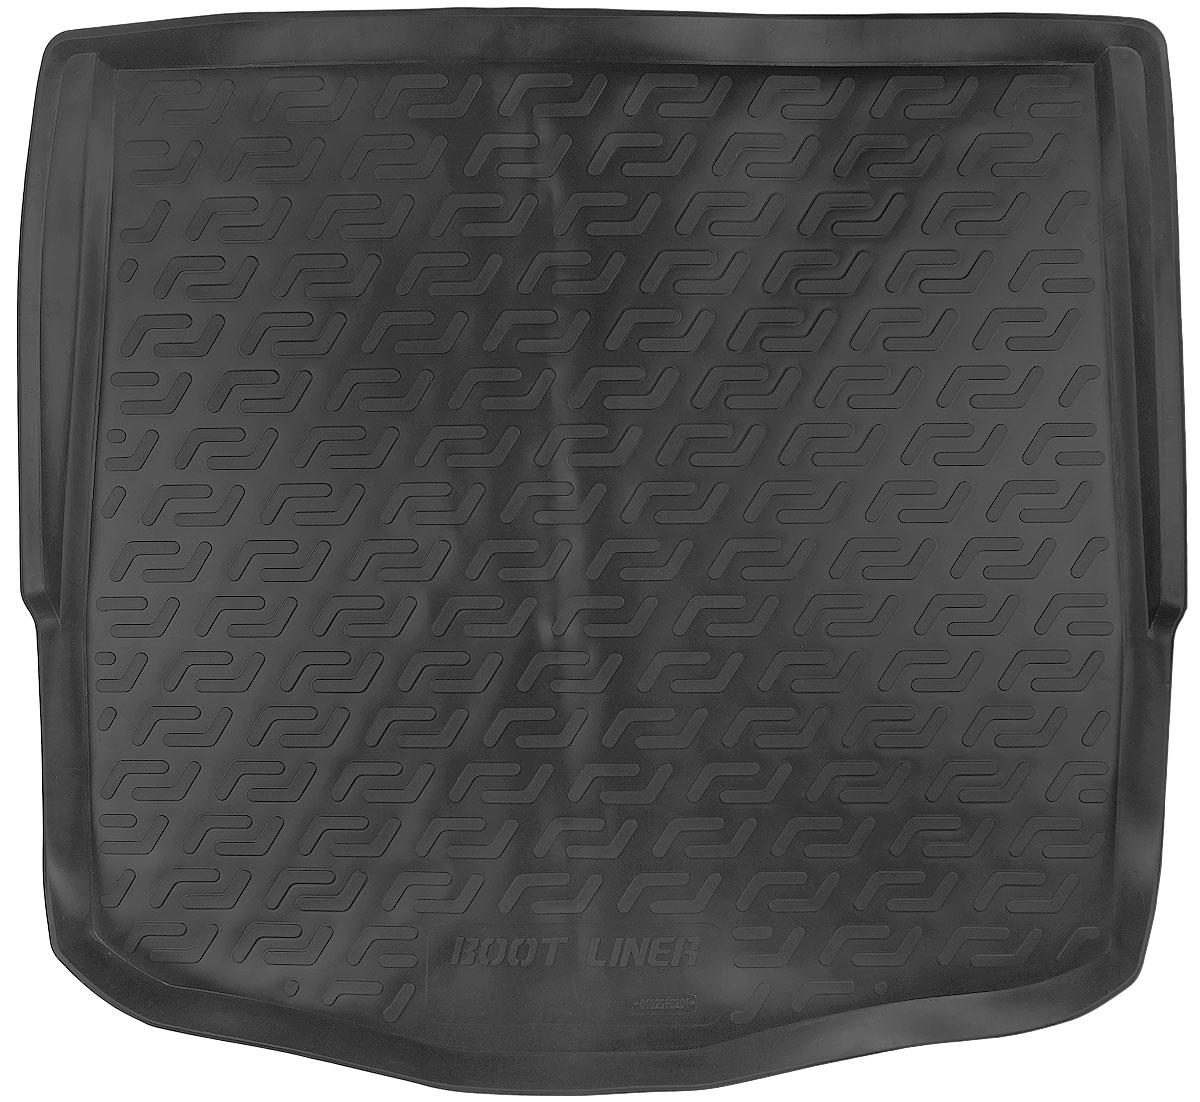 Коврик в багажник L.Locker, для Ford Mondeo sd (07-)AL-350Коврик L.Locker производится индивидуально для каждой модели автомобиля из современного и экологически чистого материала. Изделие точно повторяет геометрию пола автомобиля, имеет высокий борт, обладает повышенной износоустойчивостью, антискользящими свойствами, лишен резкого запаха и сохраняет свои потребительские свойства в широком диапазоне температур (от -50°С до +80°С).